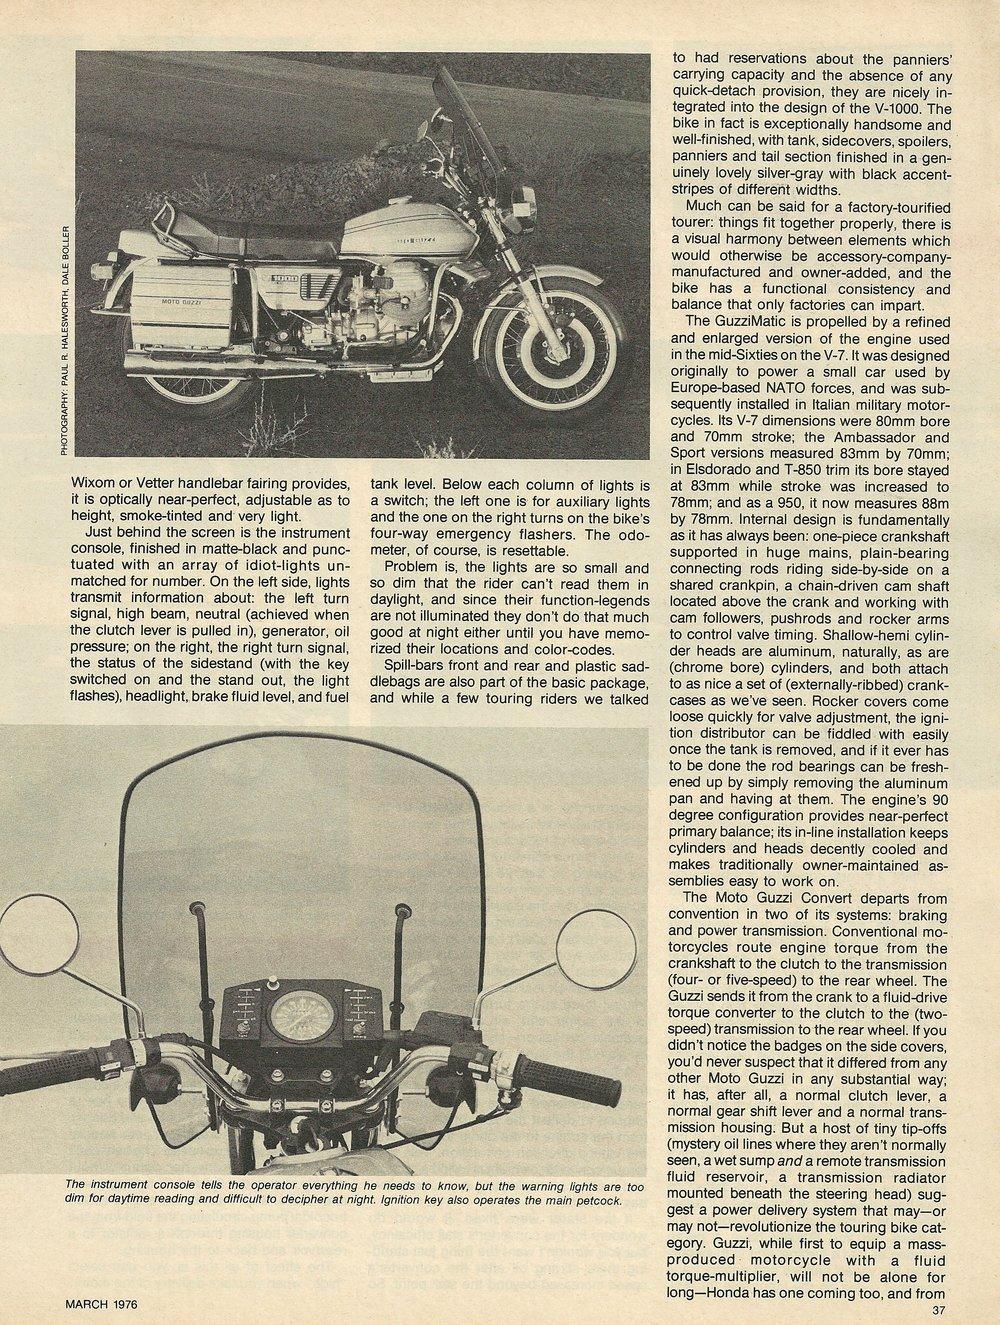 1976 Moto Guzzi V1000 Convert road test 2.JPG